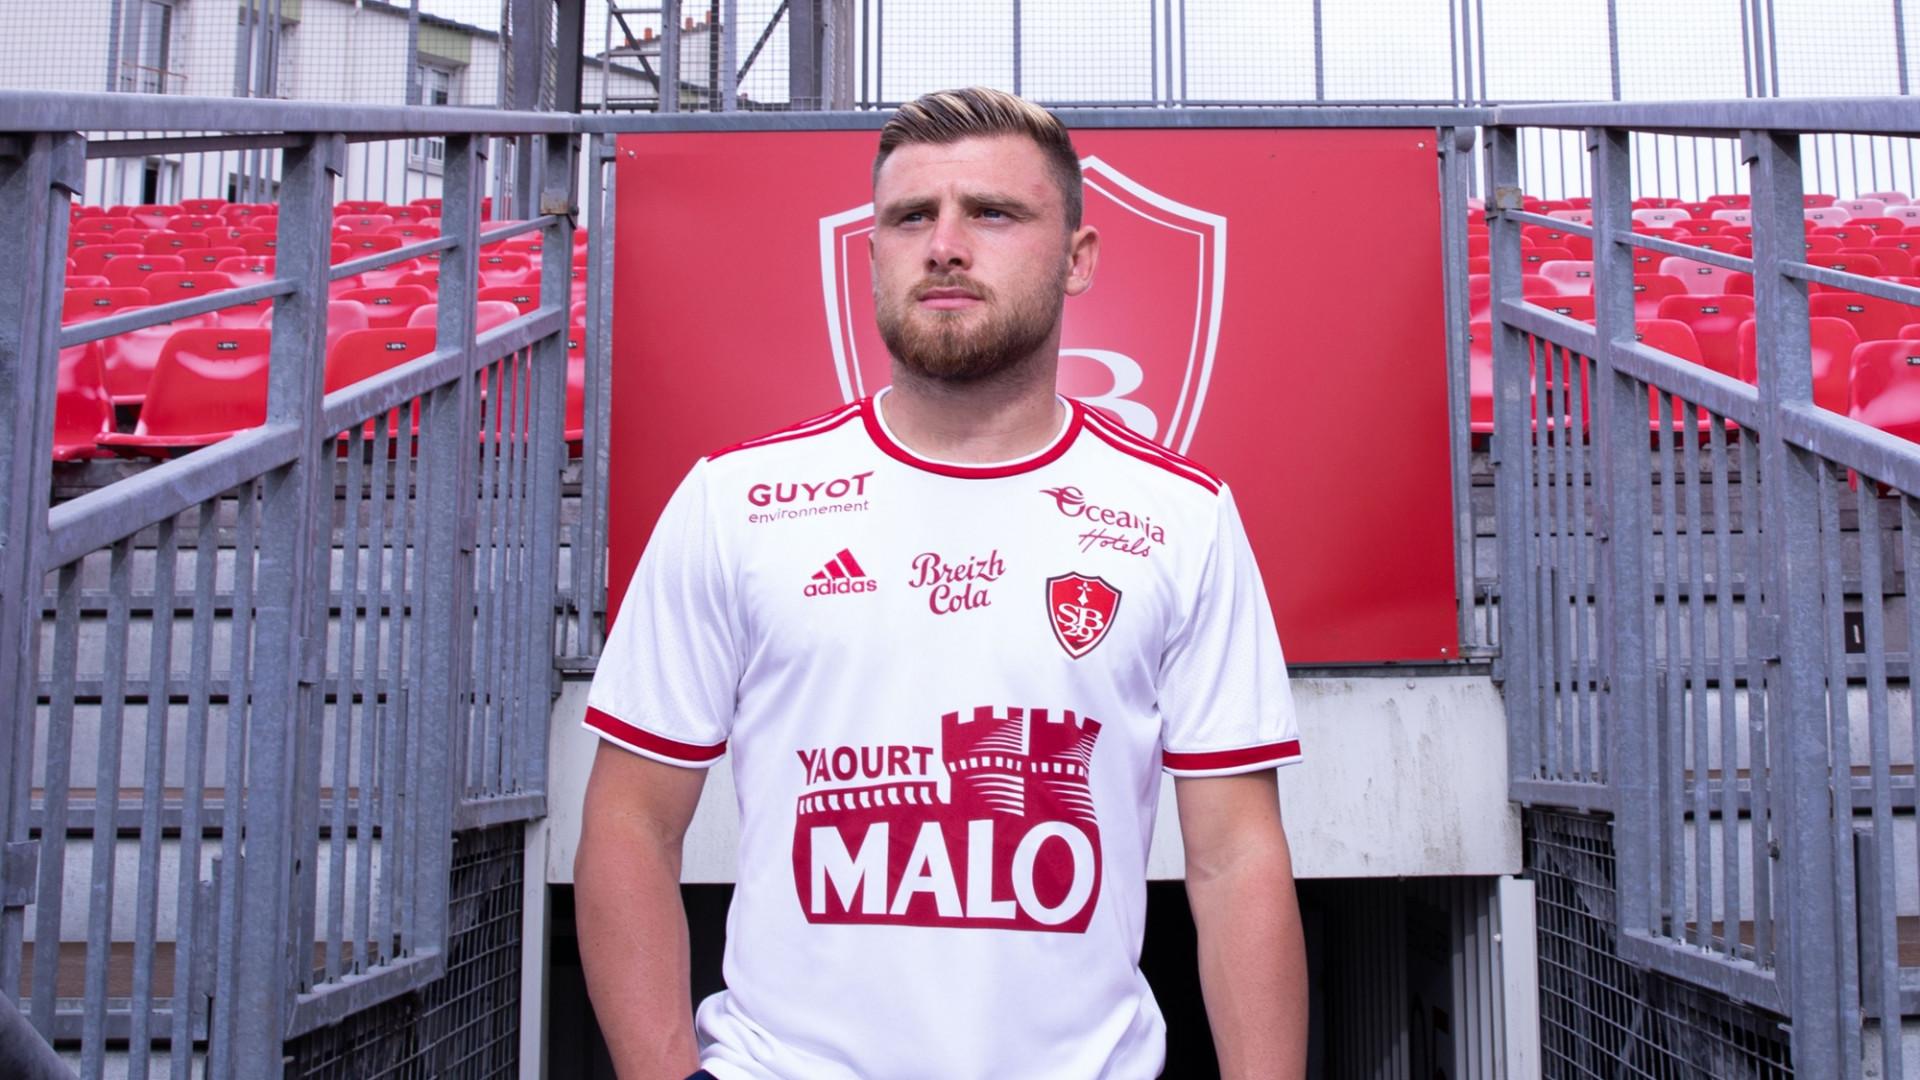 Le maillot extérieur de Brest pour la saison 2021-2022